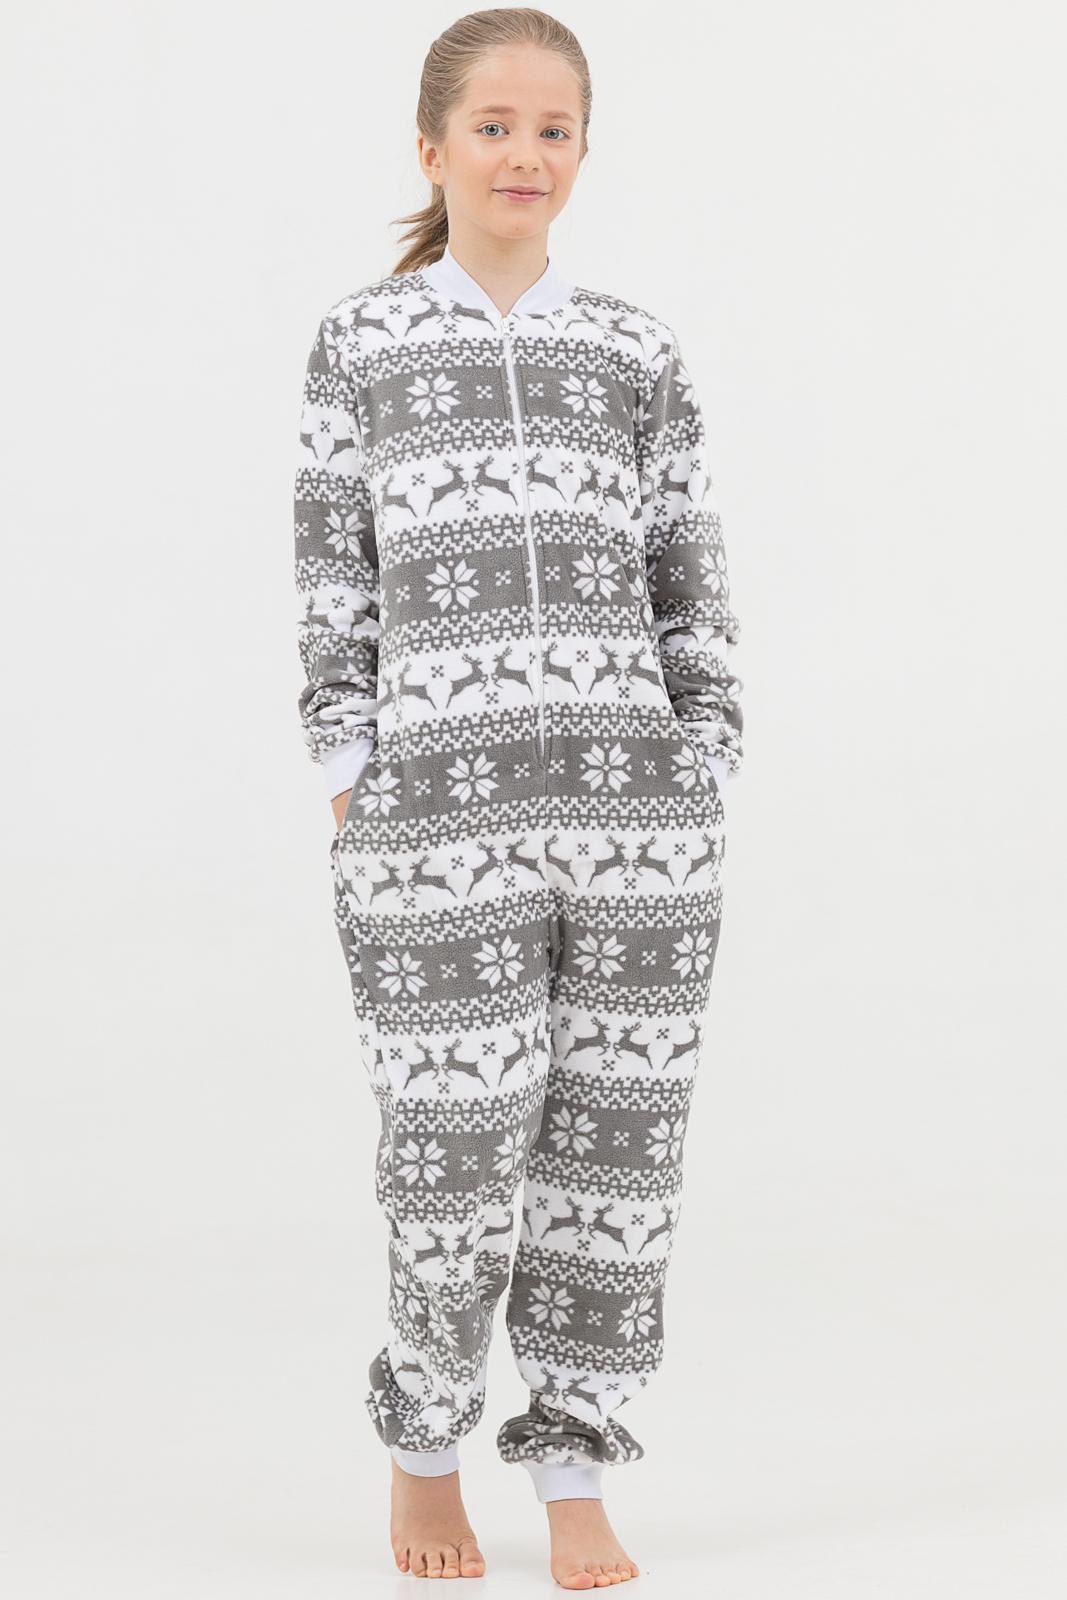 d2371bc90a741 Детская пижама-комбинезон